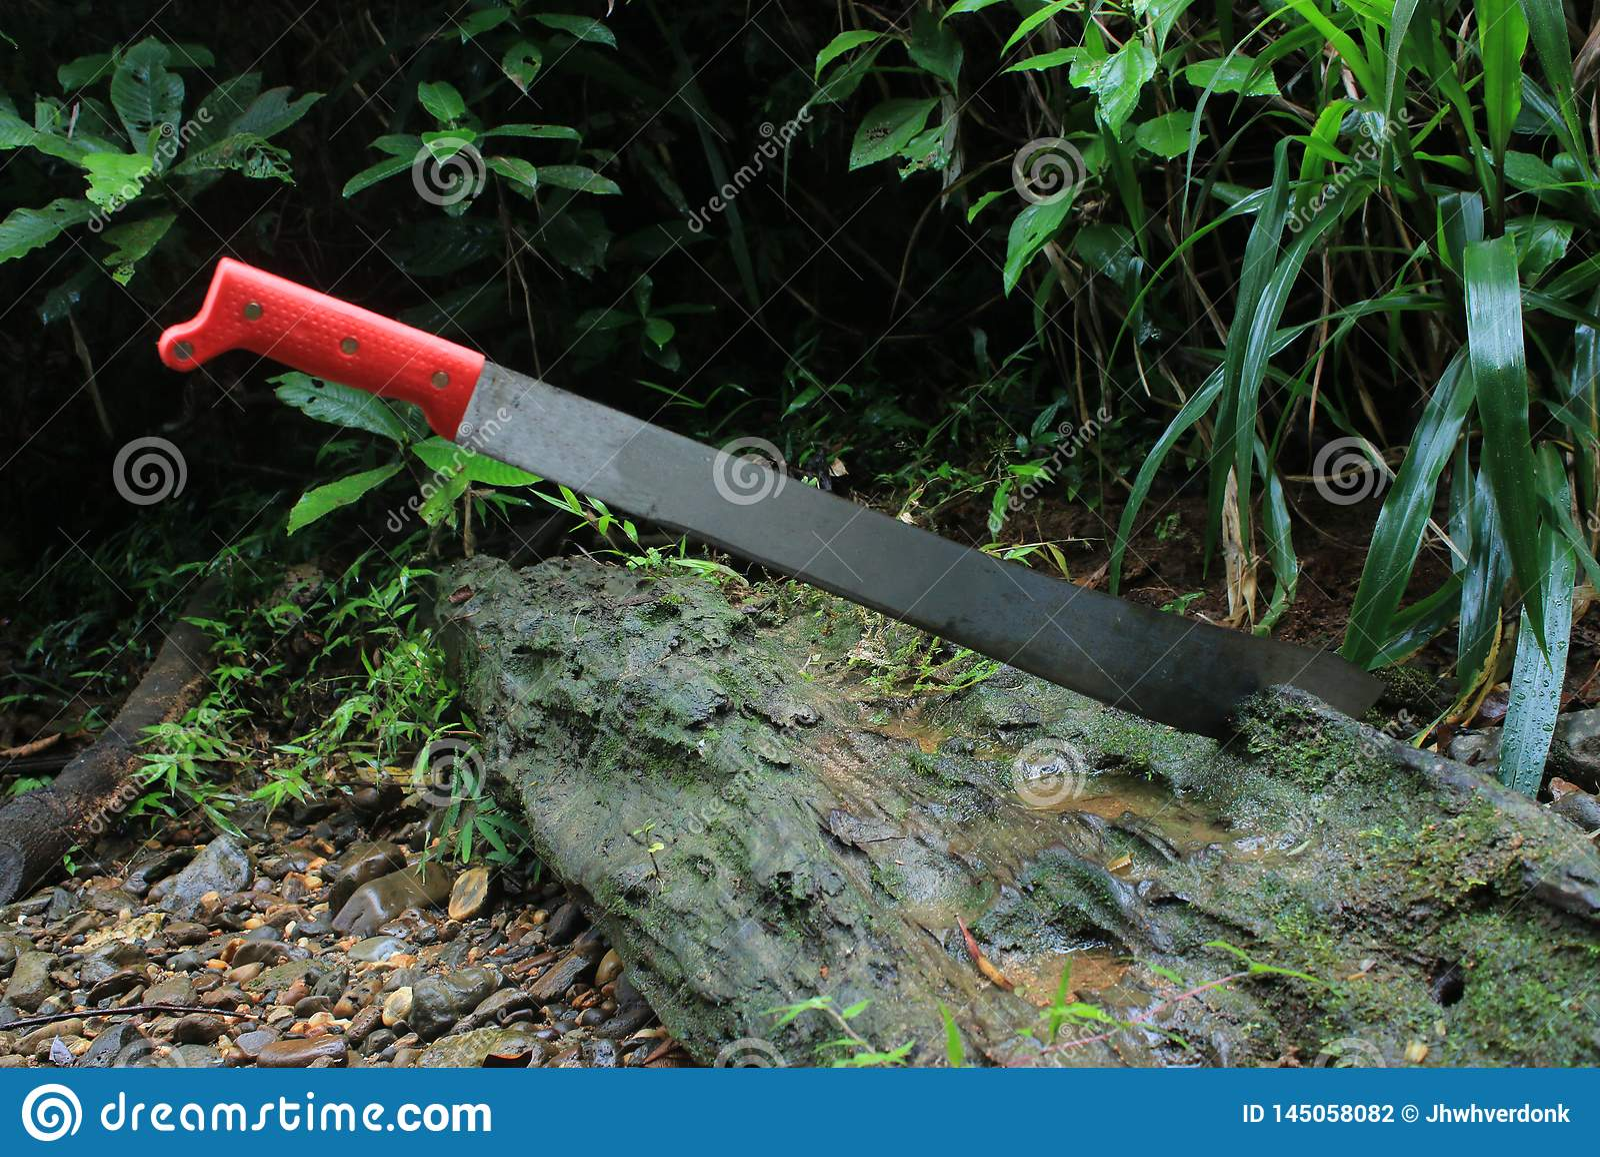 Une machette coincée dans un arbre